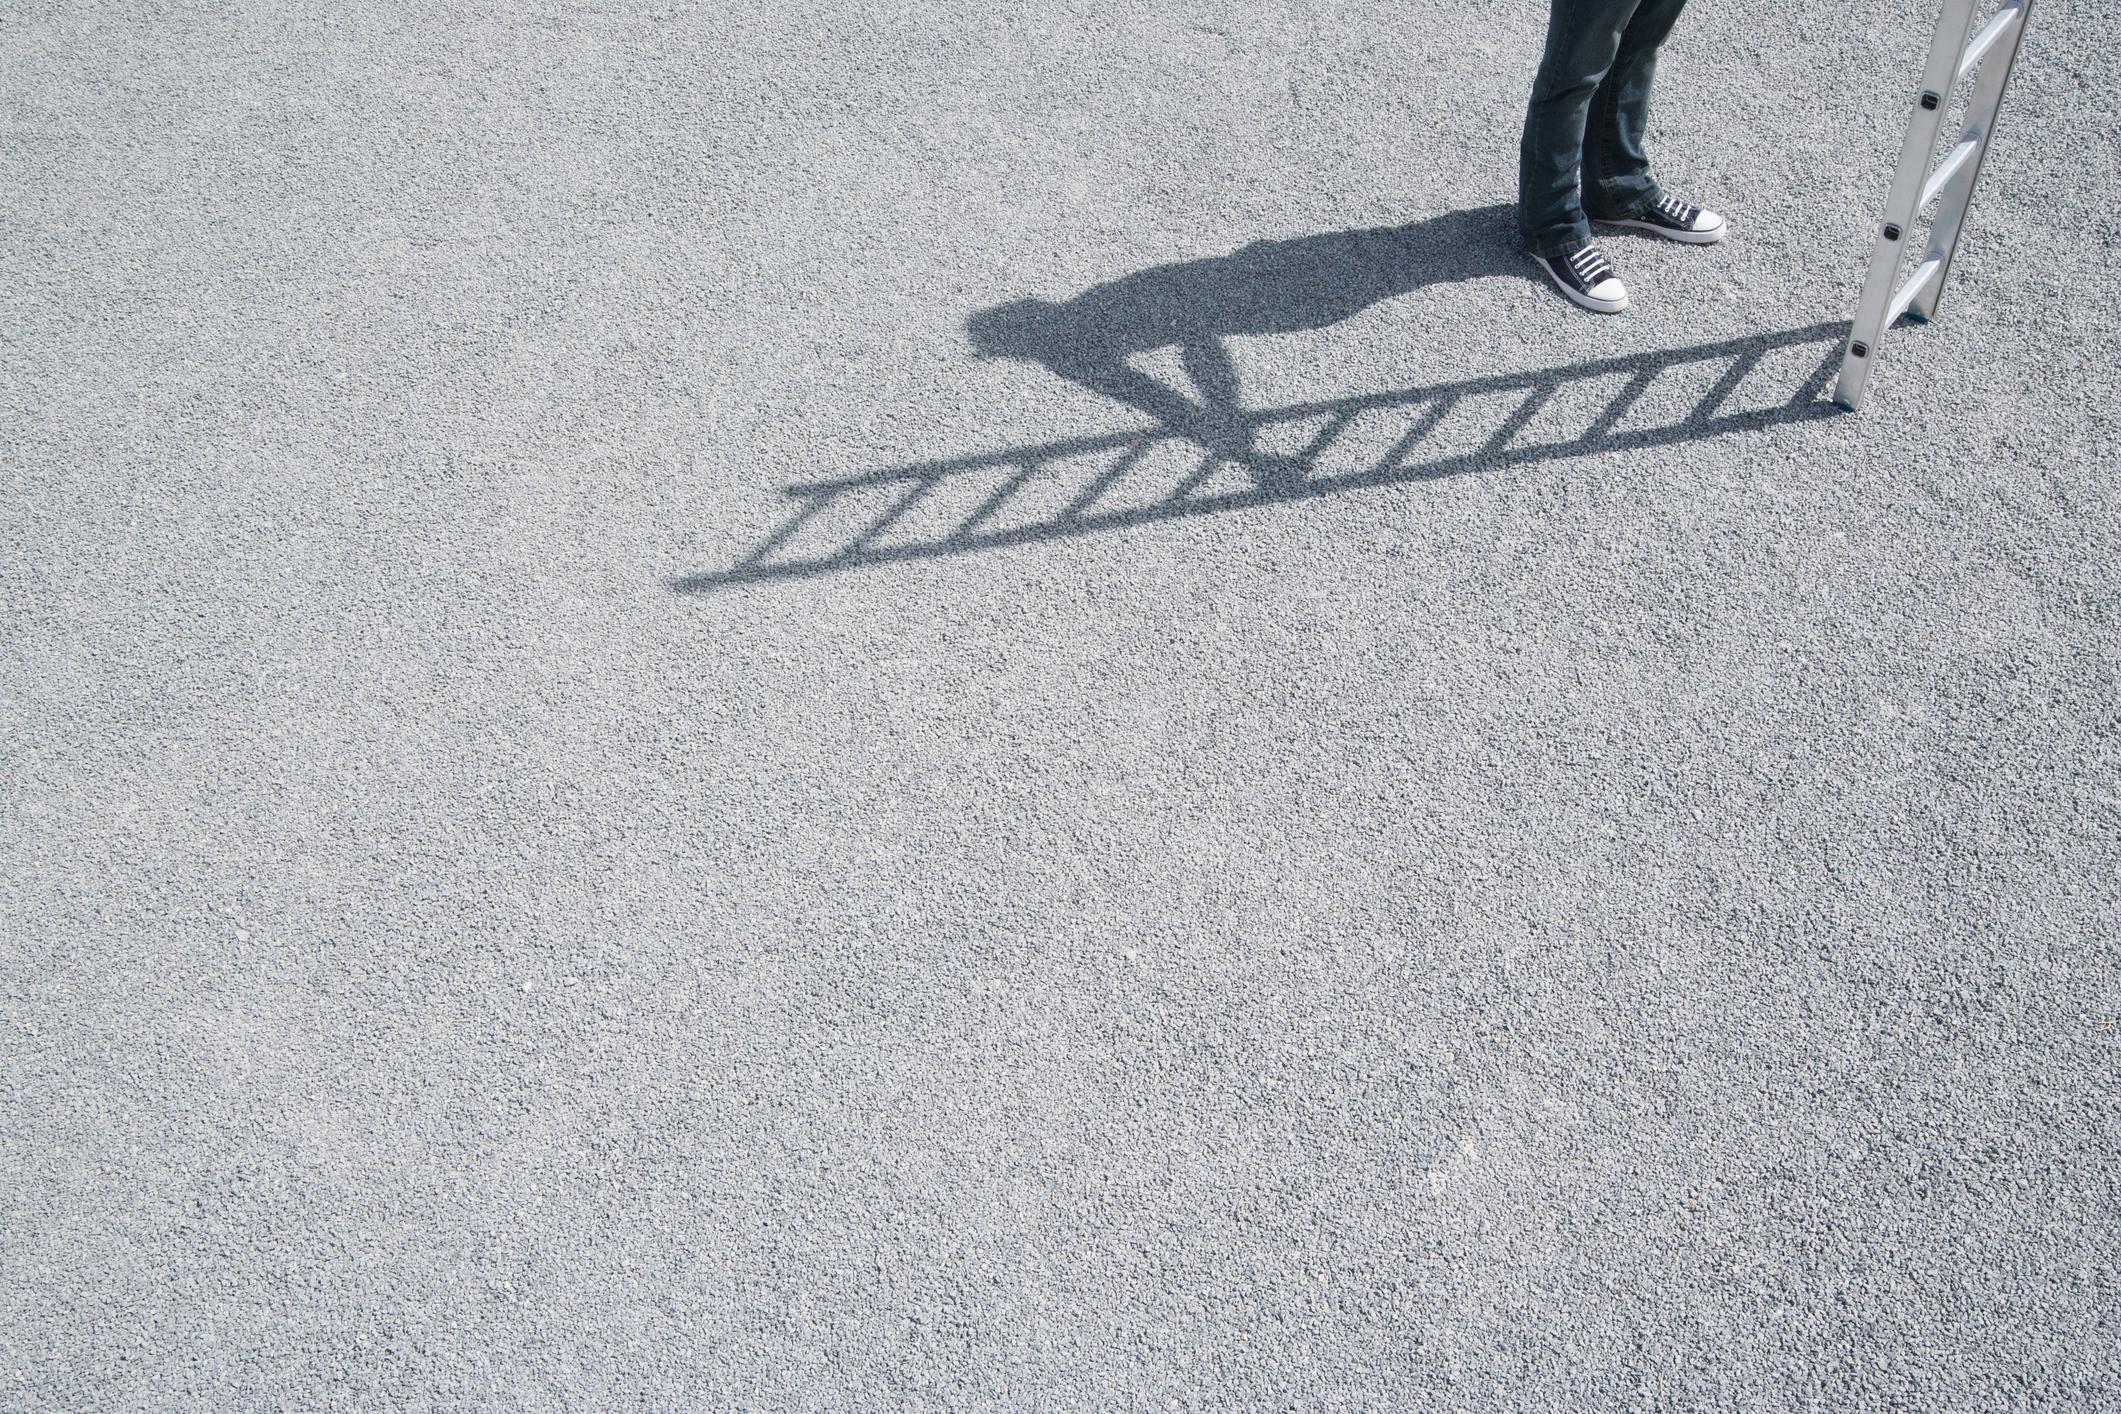 Short Ladder Attack